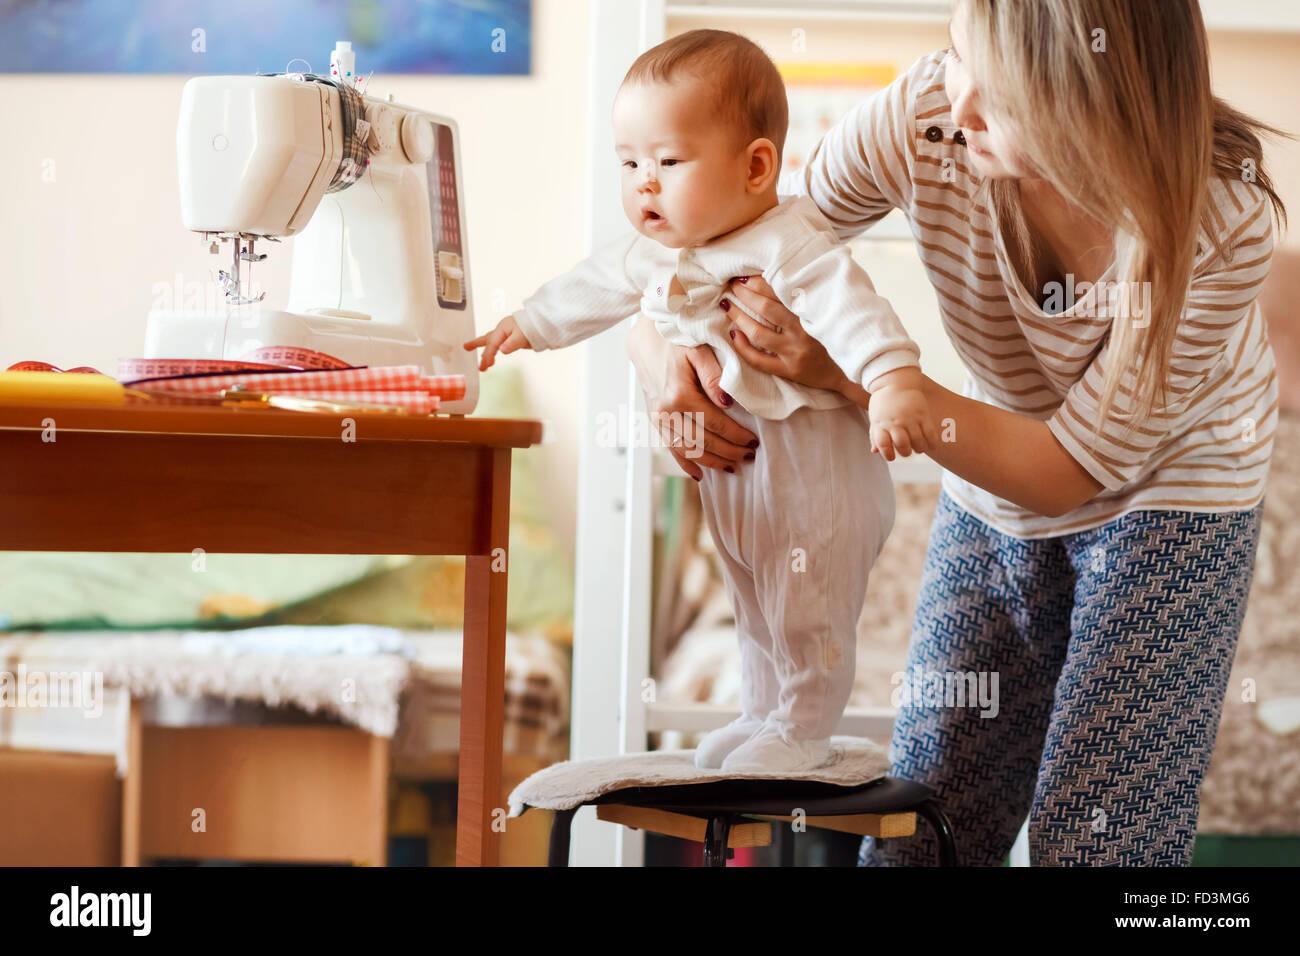 La madre y el bebé, hogar, el bebé primeros pasos, luz natural. Junto con el trabajo de cuidado infantil Imagen De Stock